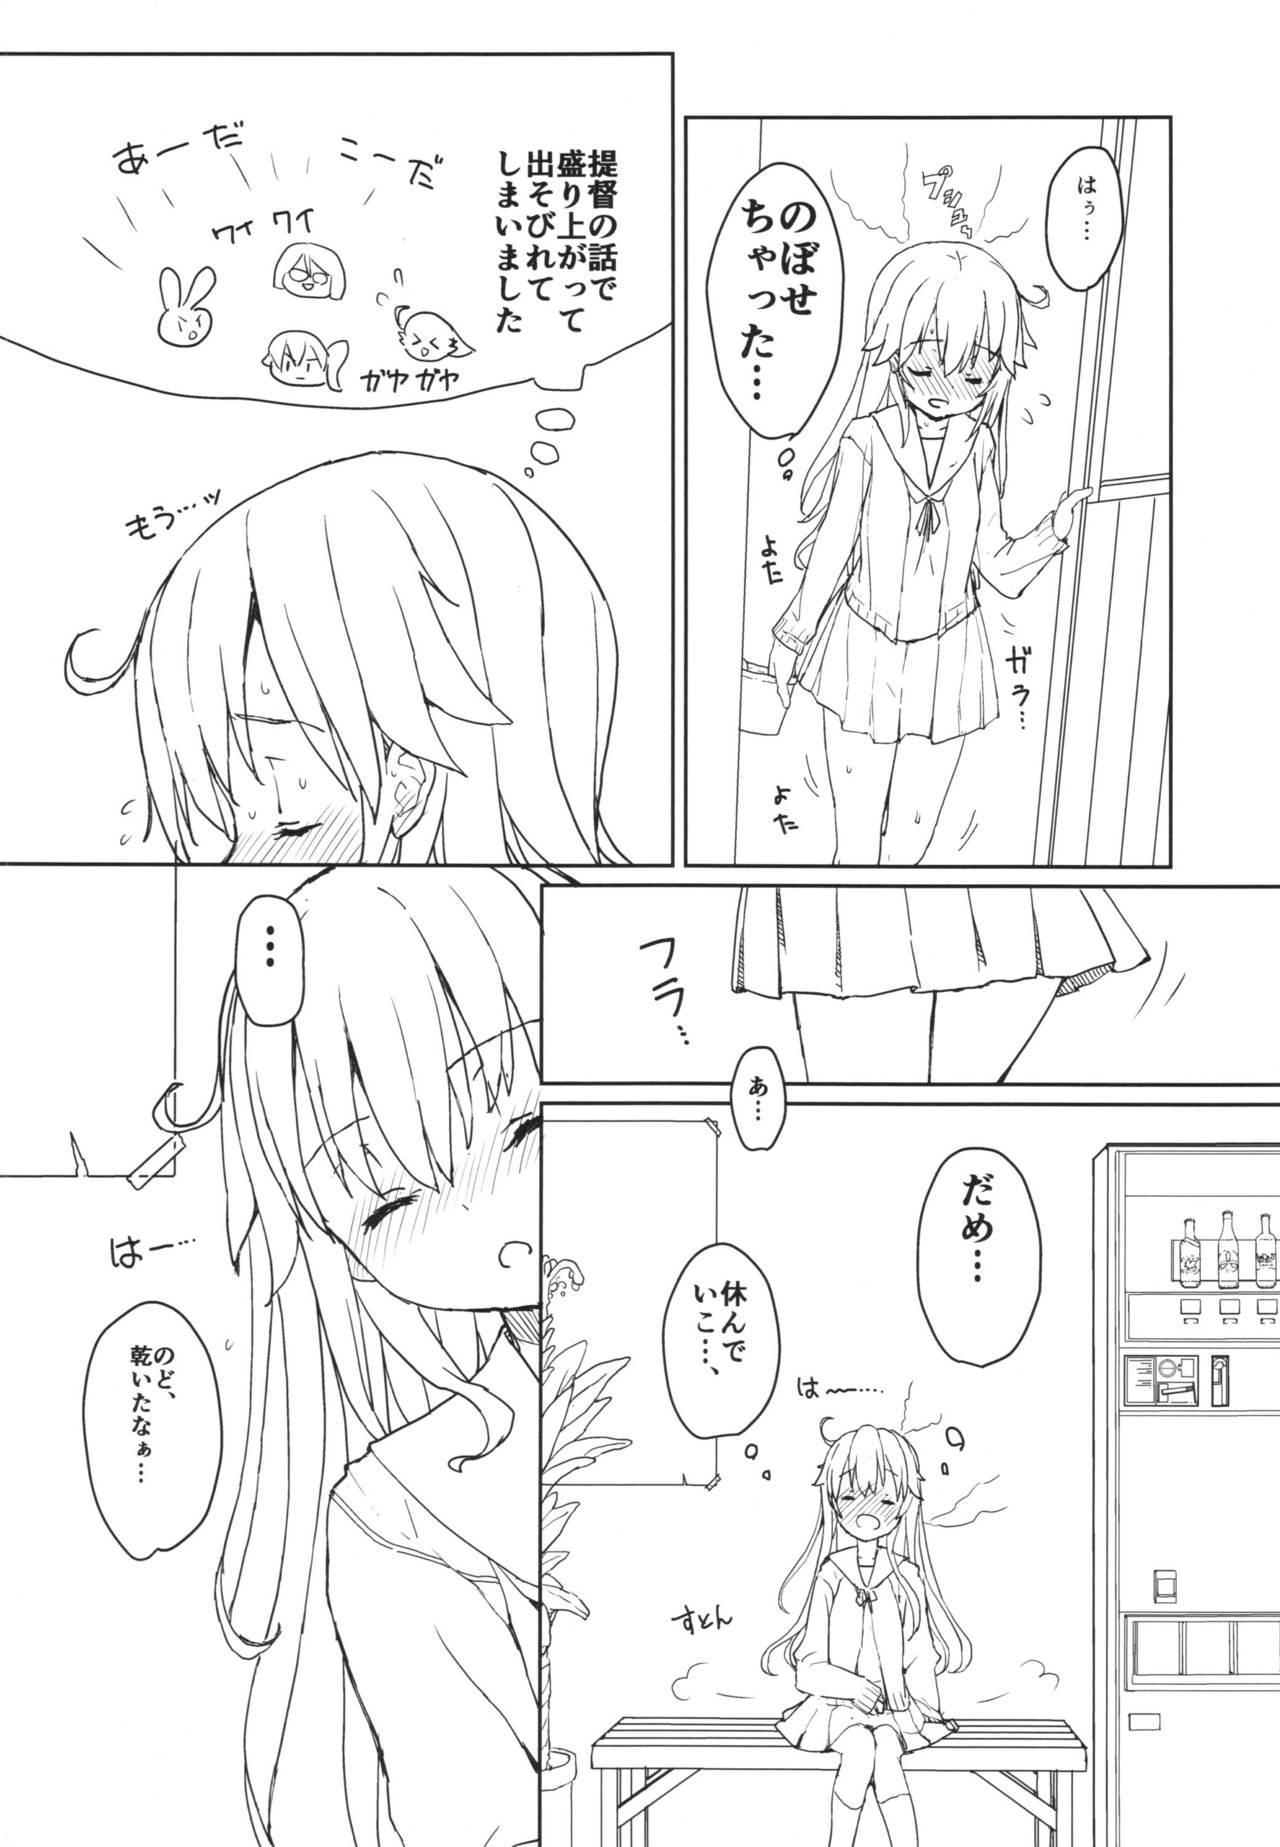 Ushio no Onsen Kuchikukan 9